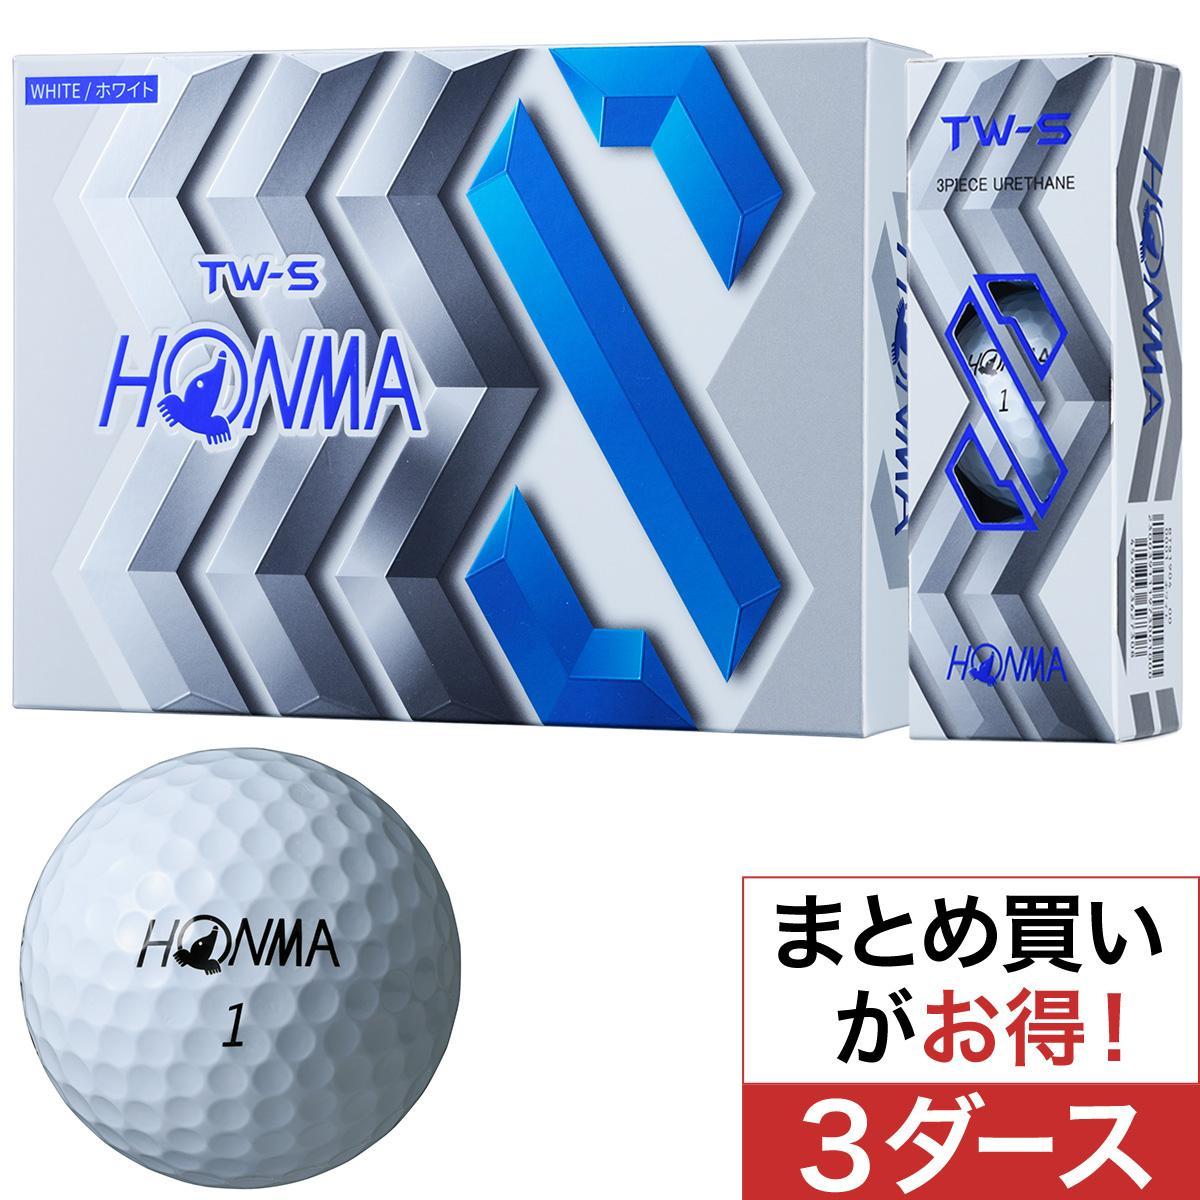 【11/30(土)0時~23時59分まで!最大2400円OFFクーポン配布♪】本間ゴルフ TOUR WORLD TW-S ボール 3ダースセット